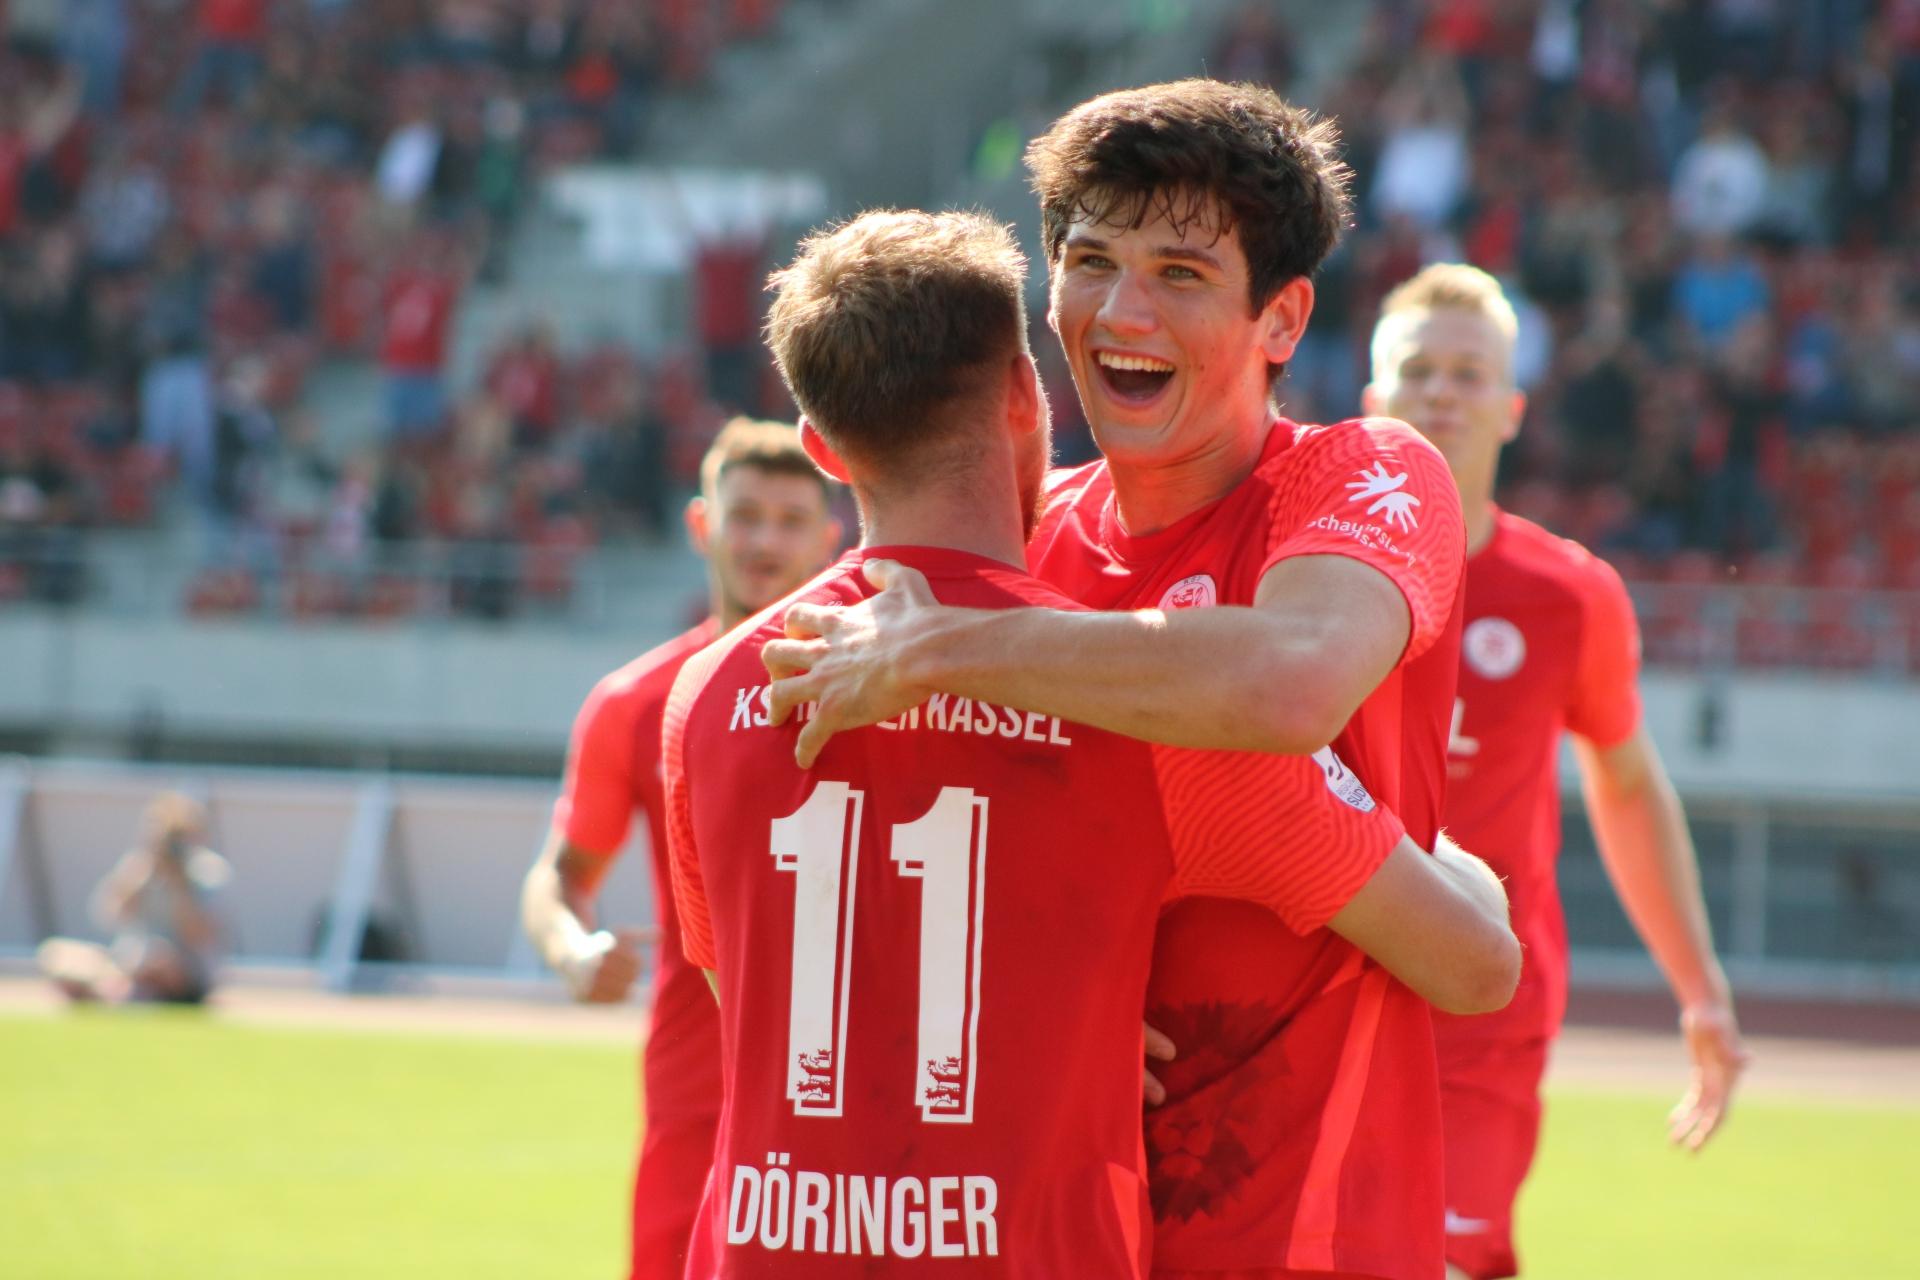 KSV Hessen Kassel - FC 08 Homburg